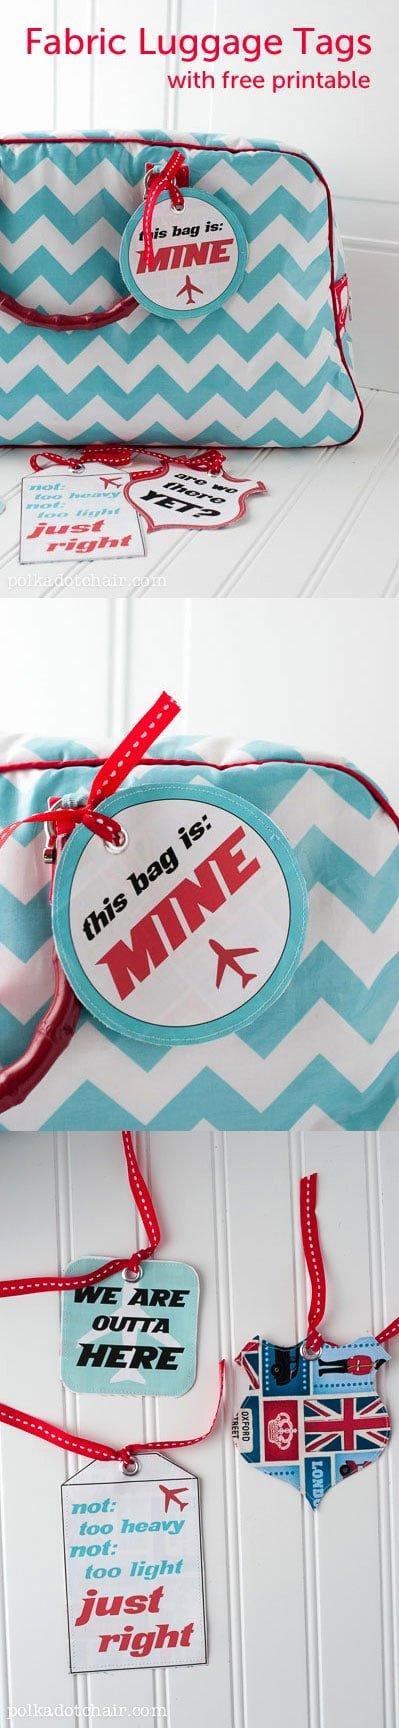 Free Printable Luggage Tags Fresh Free Printable Luggage Tag Template the Polka Dot Chair